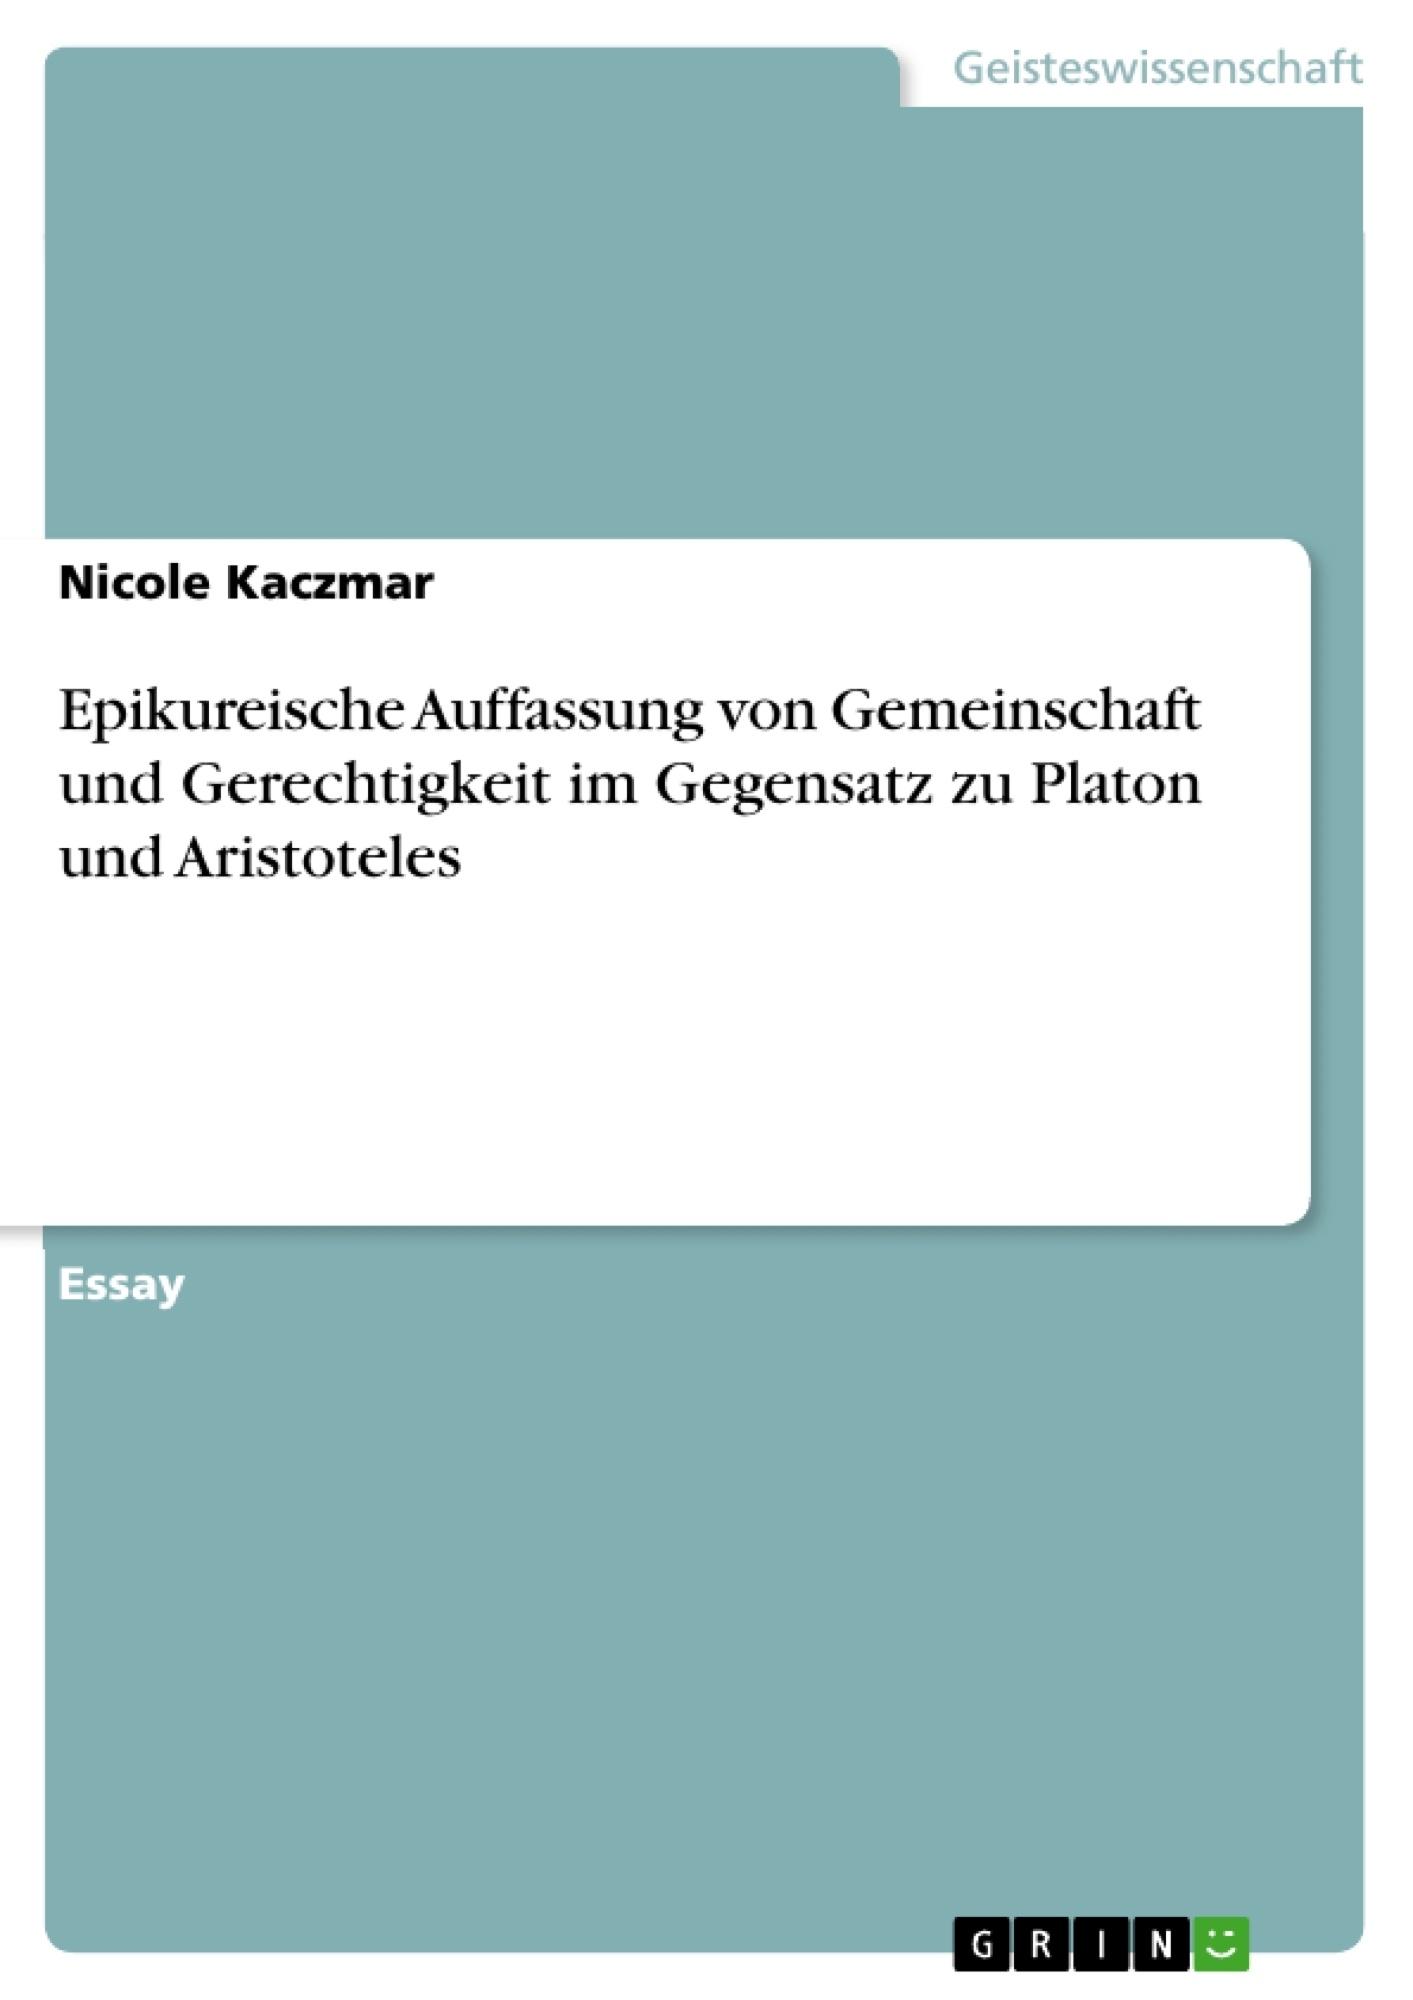 Titel: Epikureische Auffassung von Gemeinschaft und Gerechtigkeit im Gegensatz zu Platon und Aristoteles